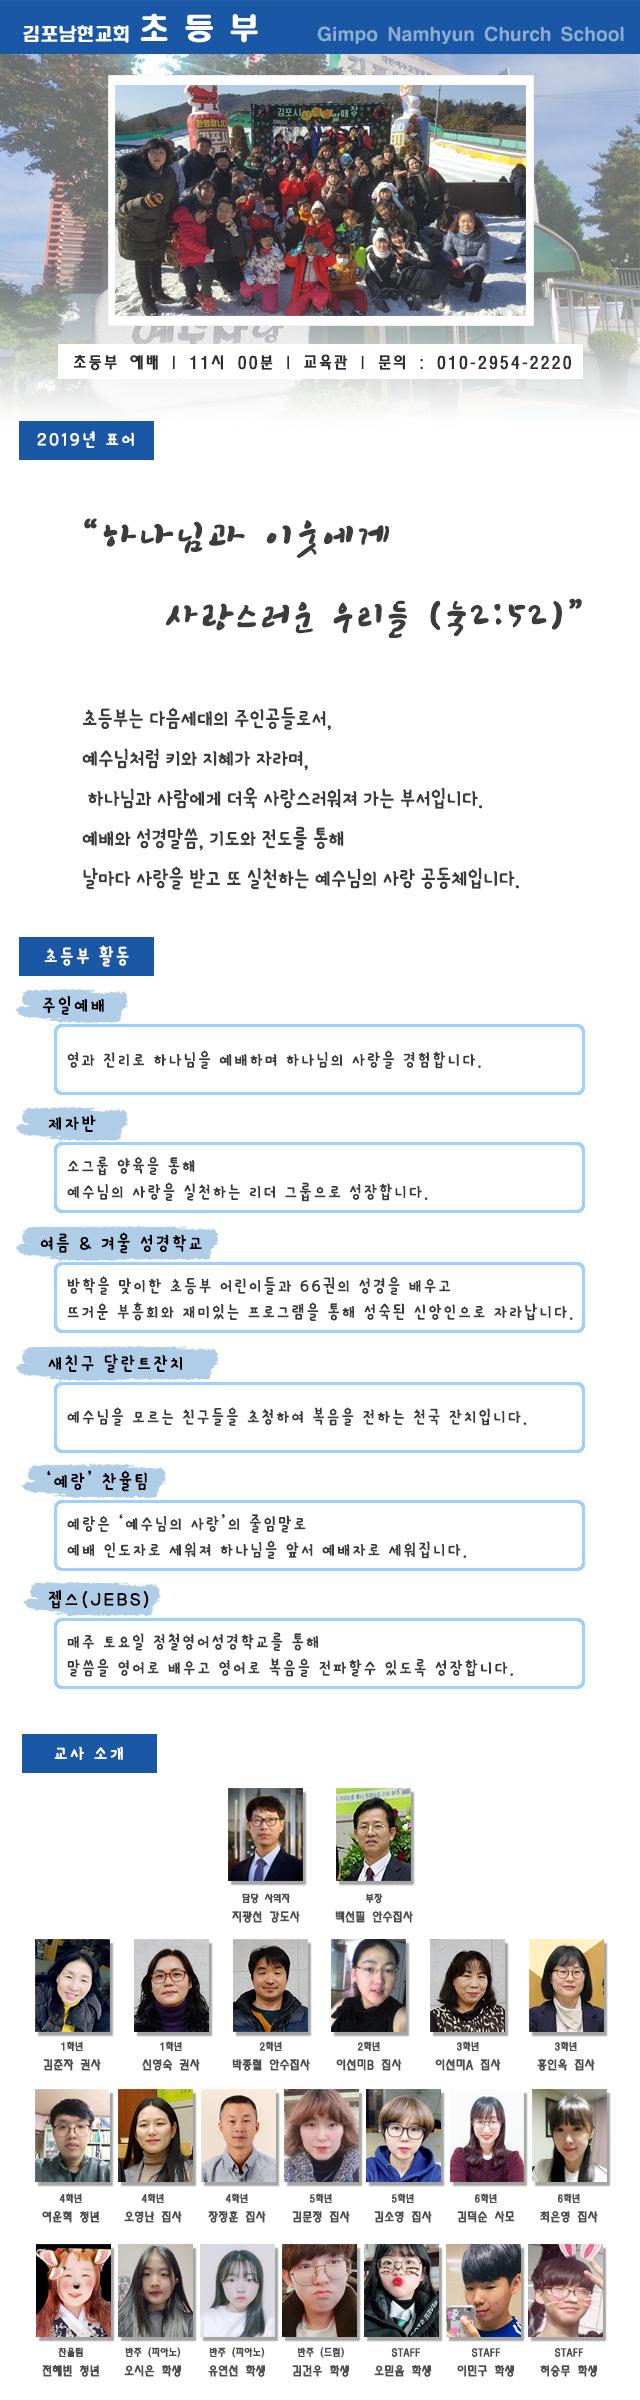 2019 초등부 소개.png